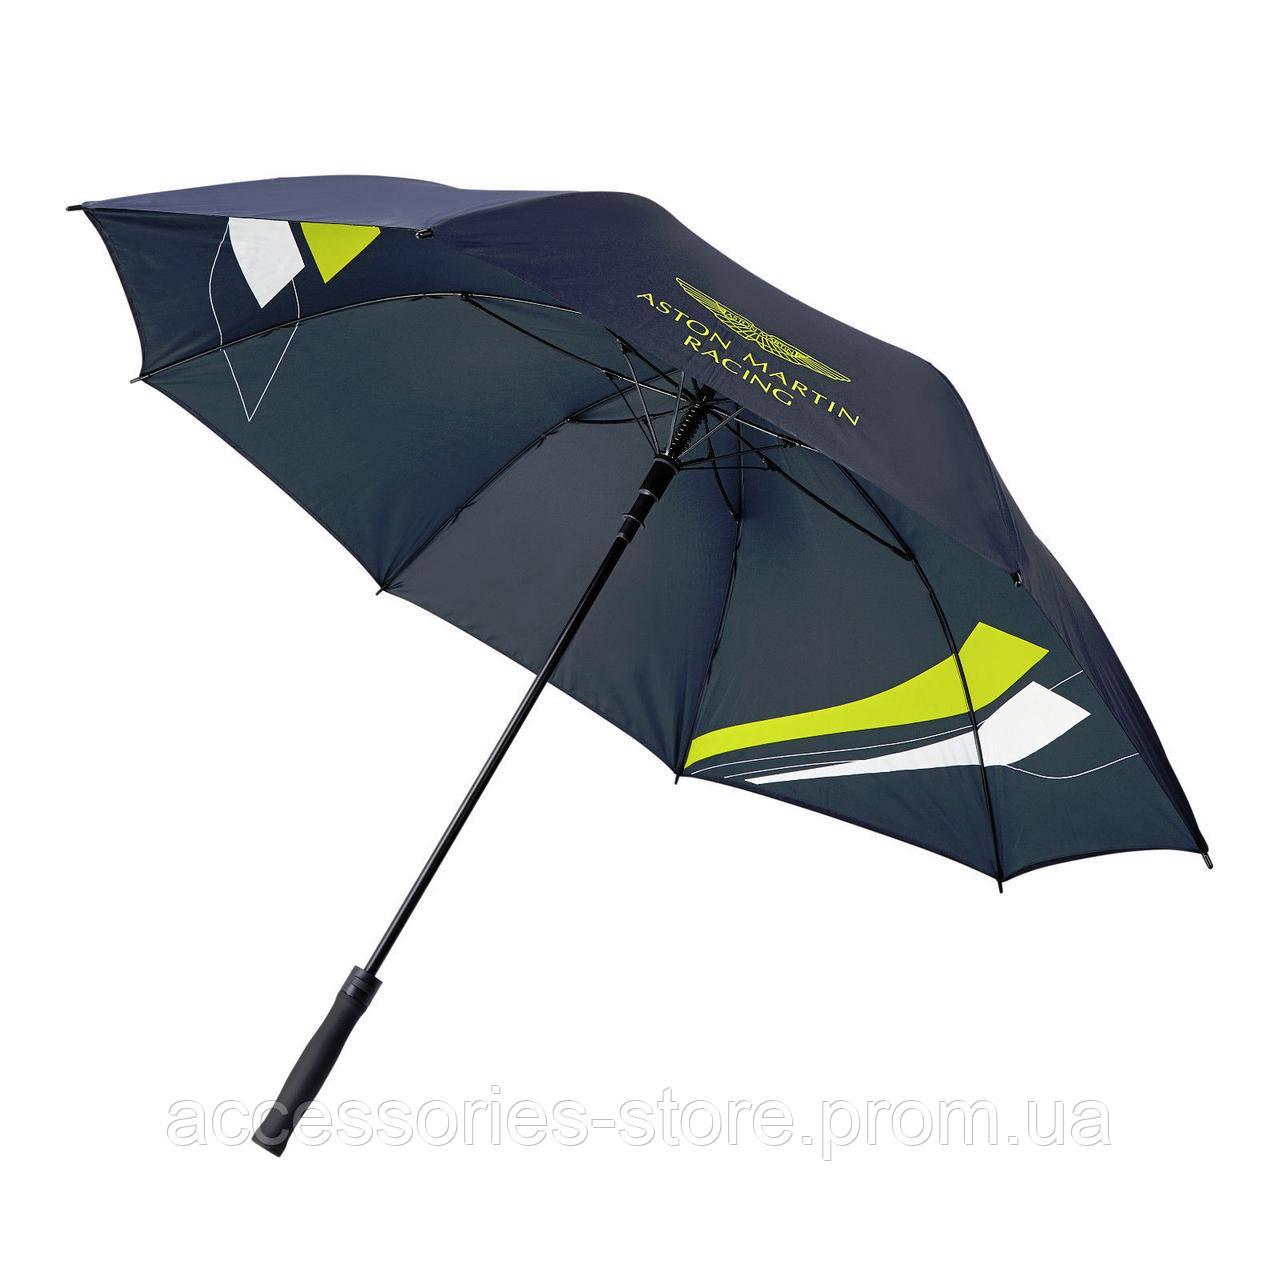 Зонт трость Aston Martin Racing Golf Umbrella Navy